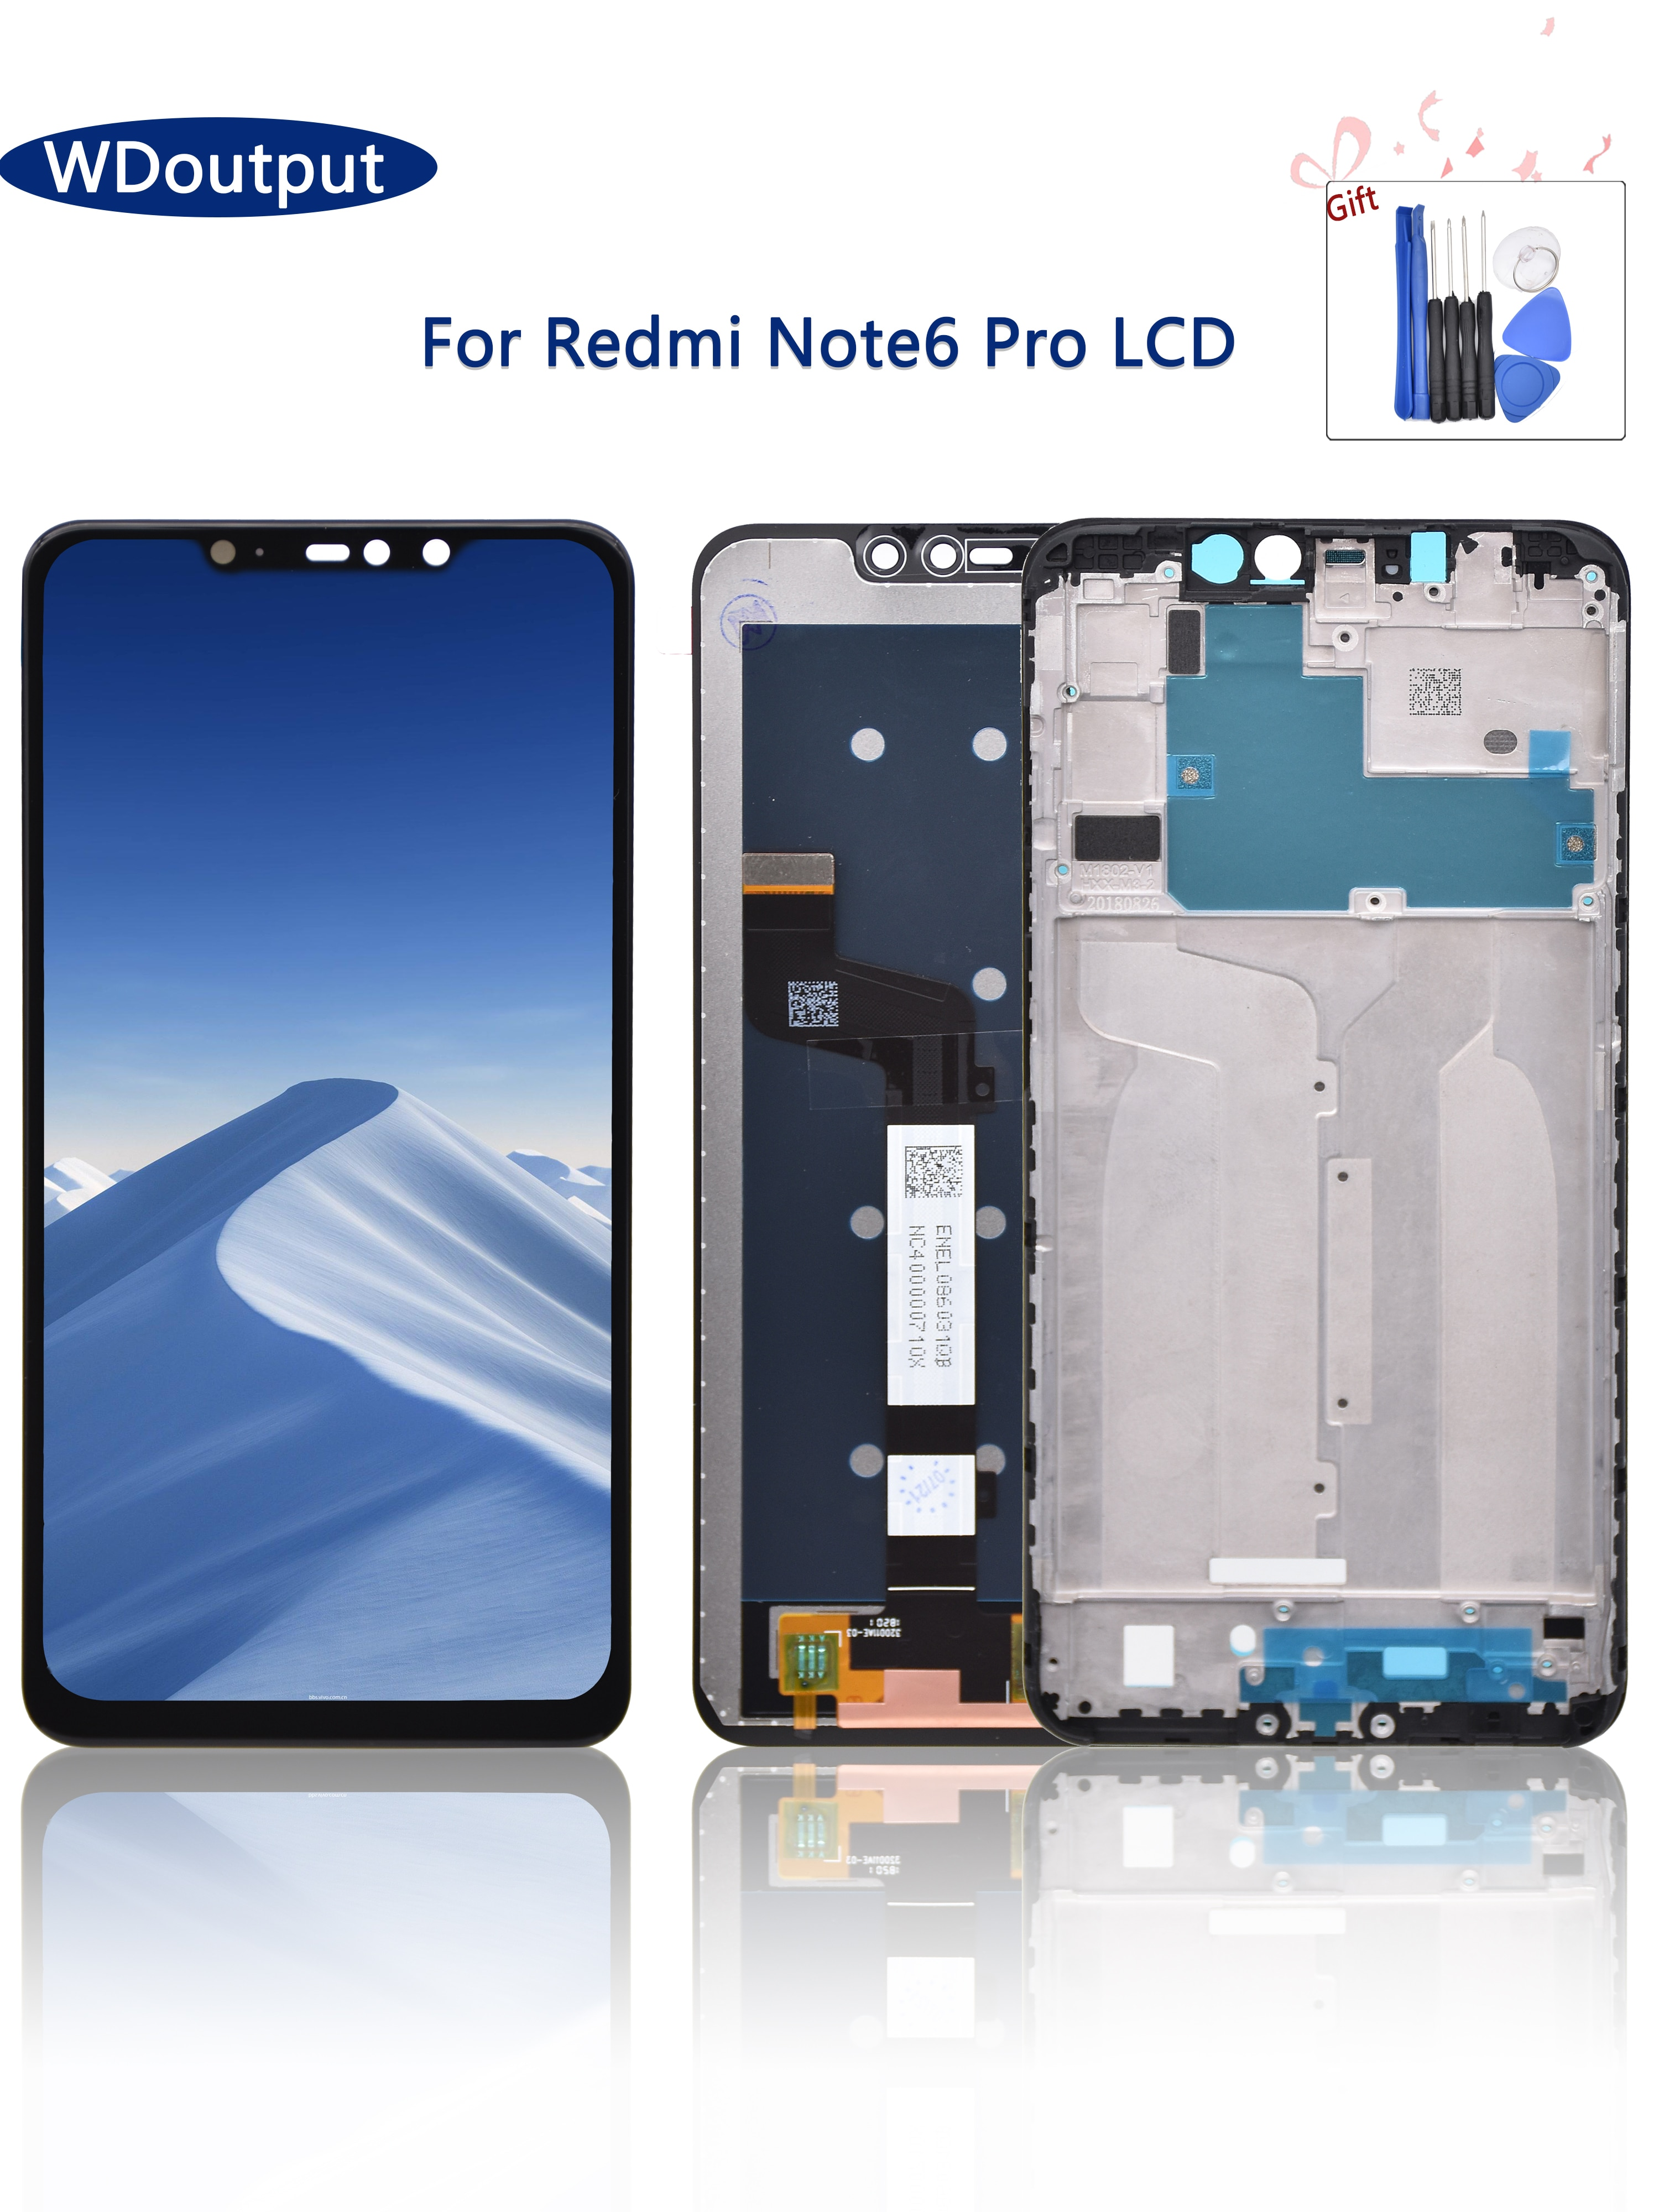 الأصلي جديد LCD ل شاومي Redmi نوت 6 برو LCD عرض تعمل باللمس محول الأرقام الجمعية LCD مع الإطار ل Redmi نوت 6 برو LCD